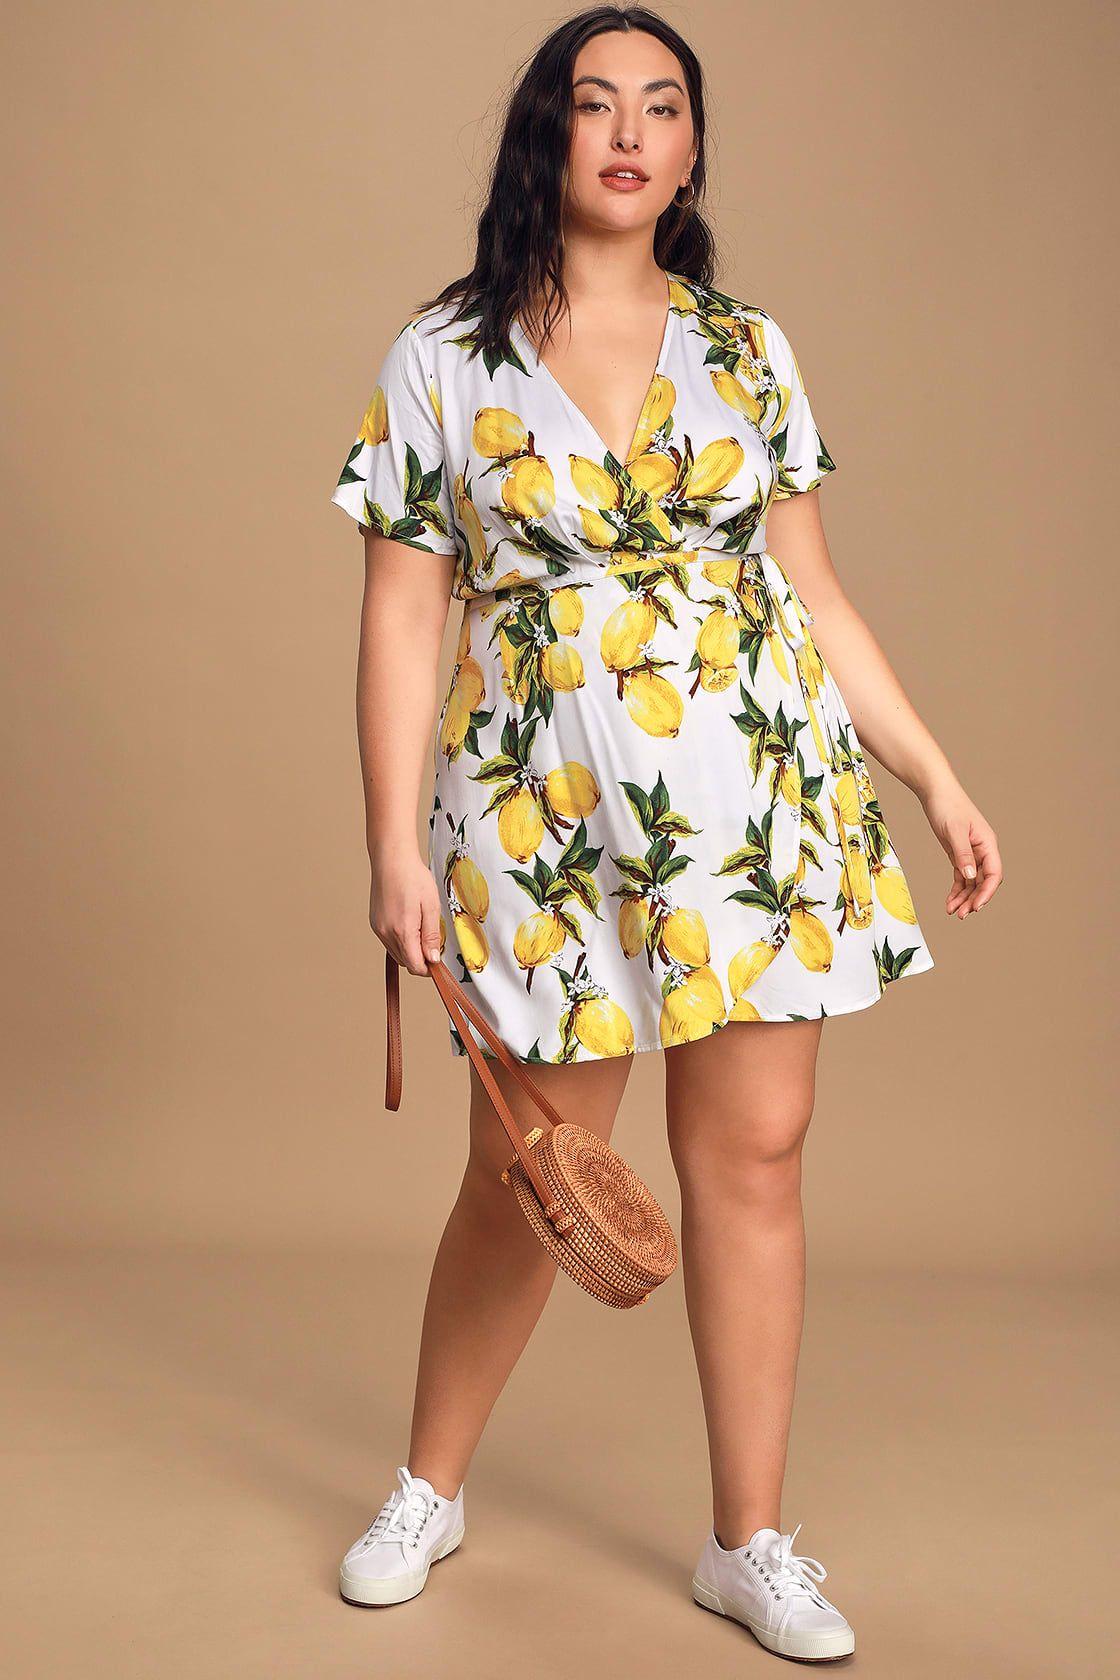 A La Tart White And Yellow Lemon Print Wrap Dress In 2020 Lemon Print Dress Plus Size Spring Dresses Cute White Dress [ 1680 x 1120 Pixel ]